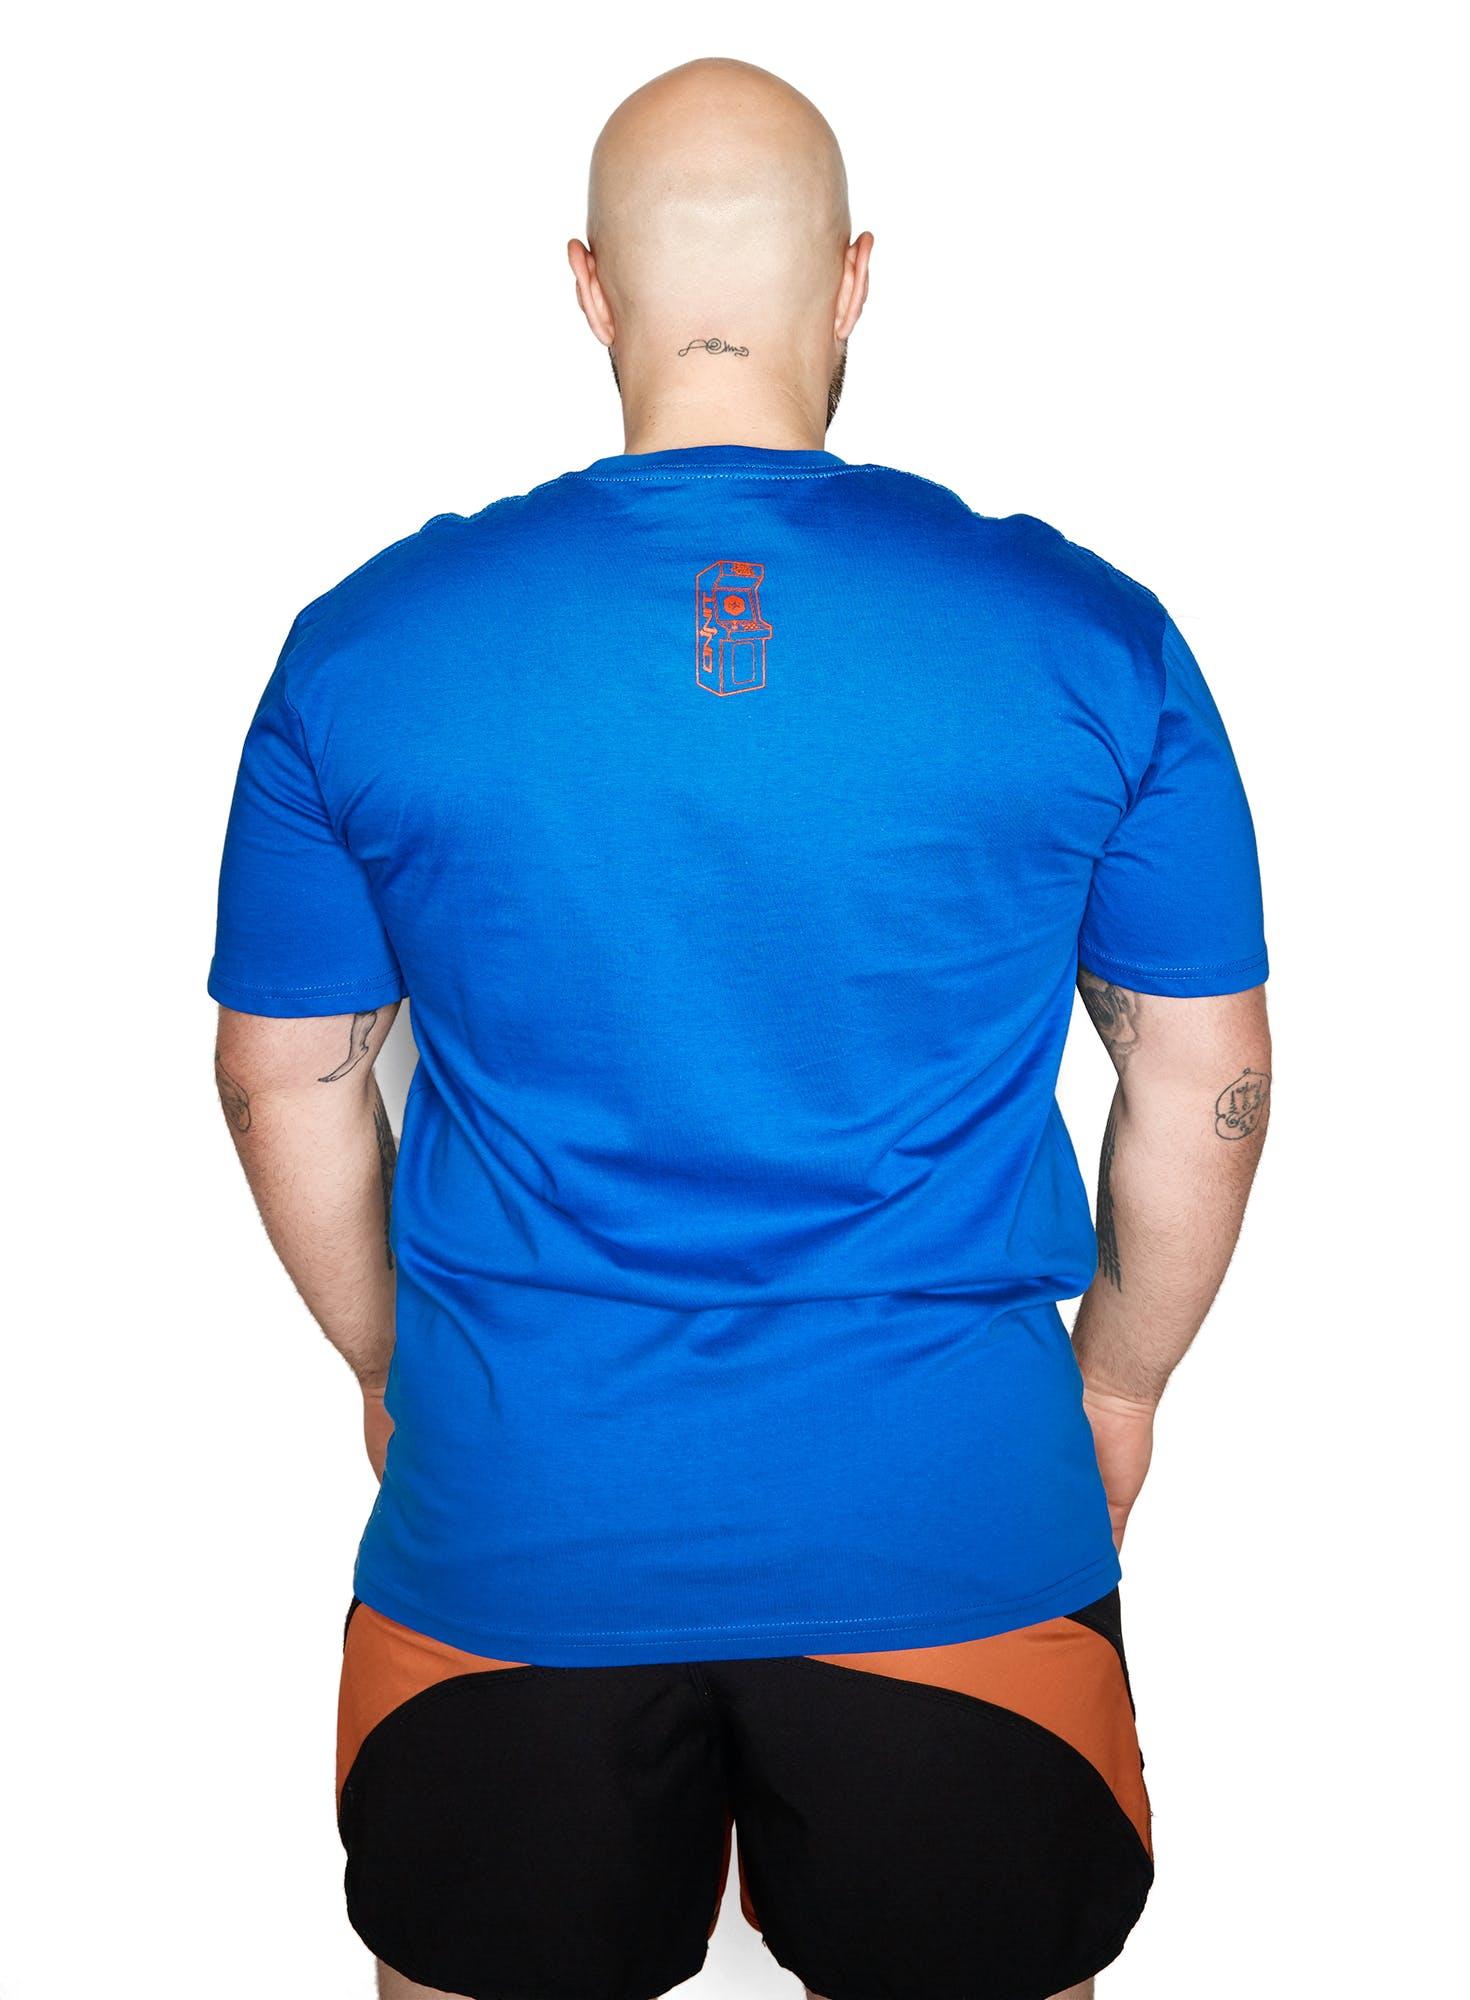 Sagat T-Shirt Bonus Image